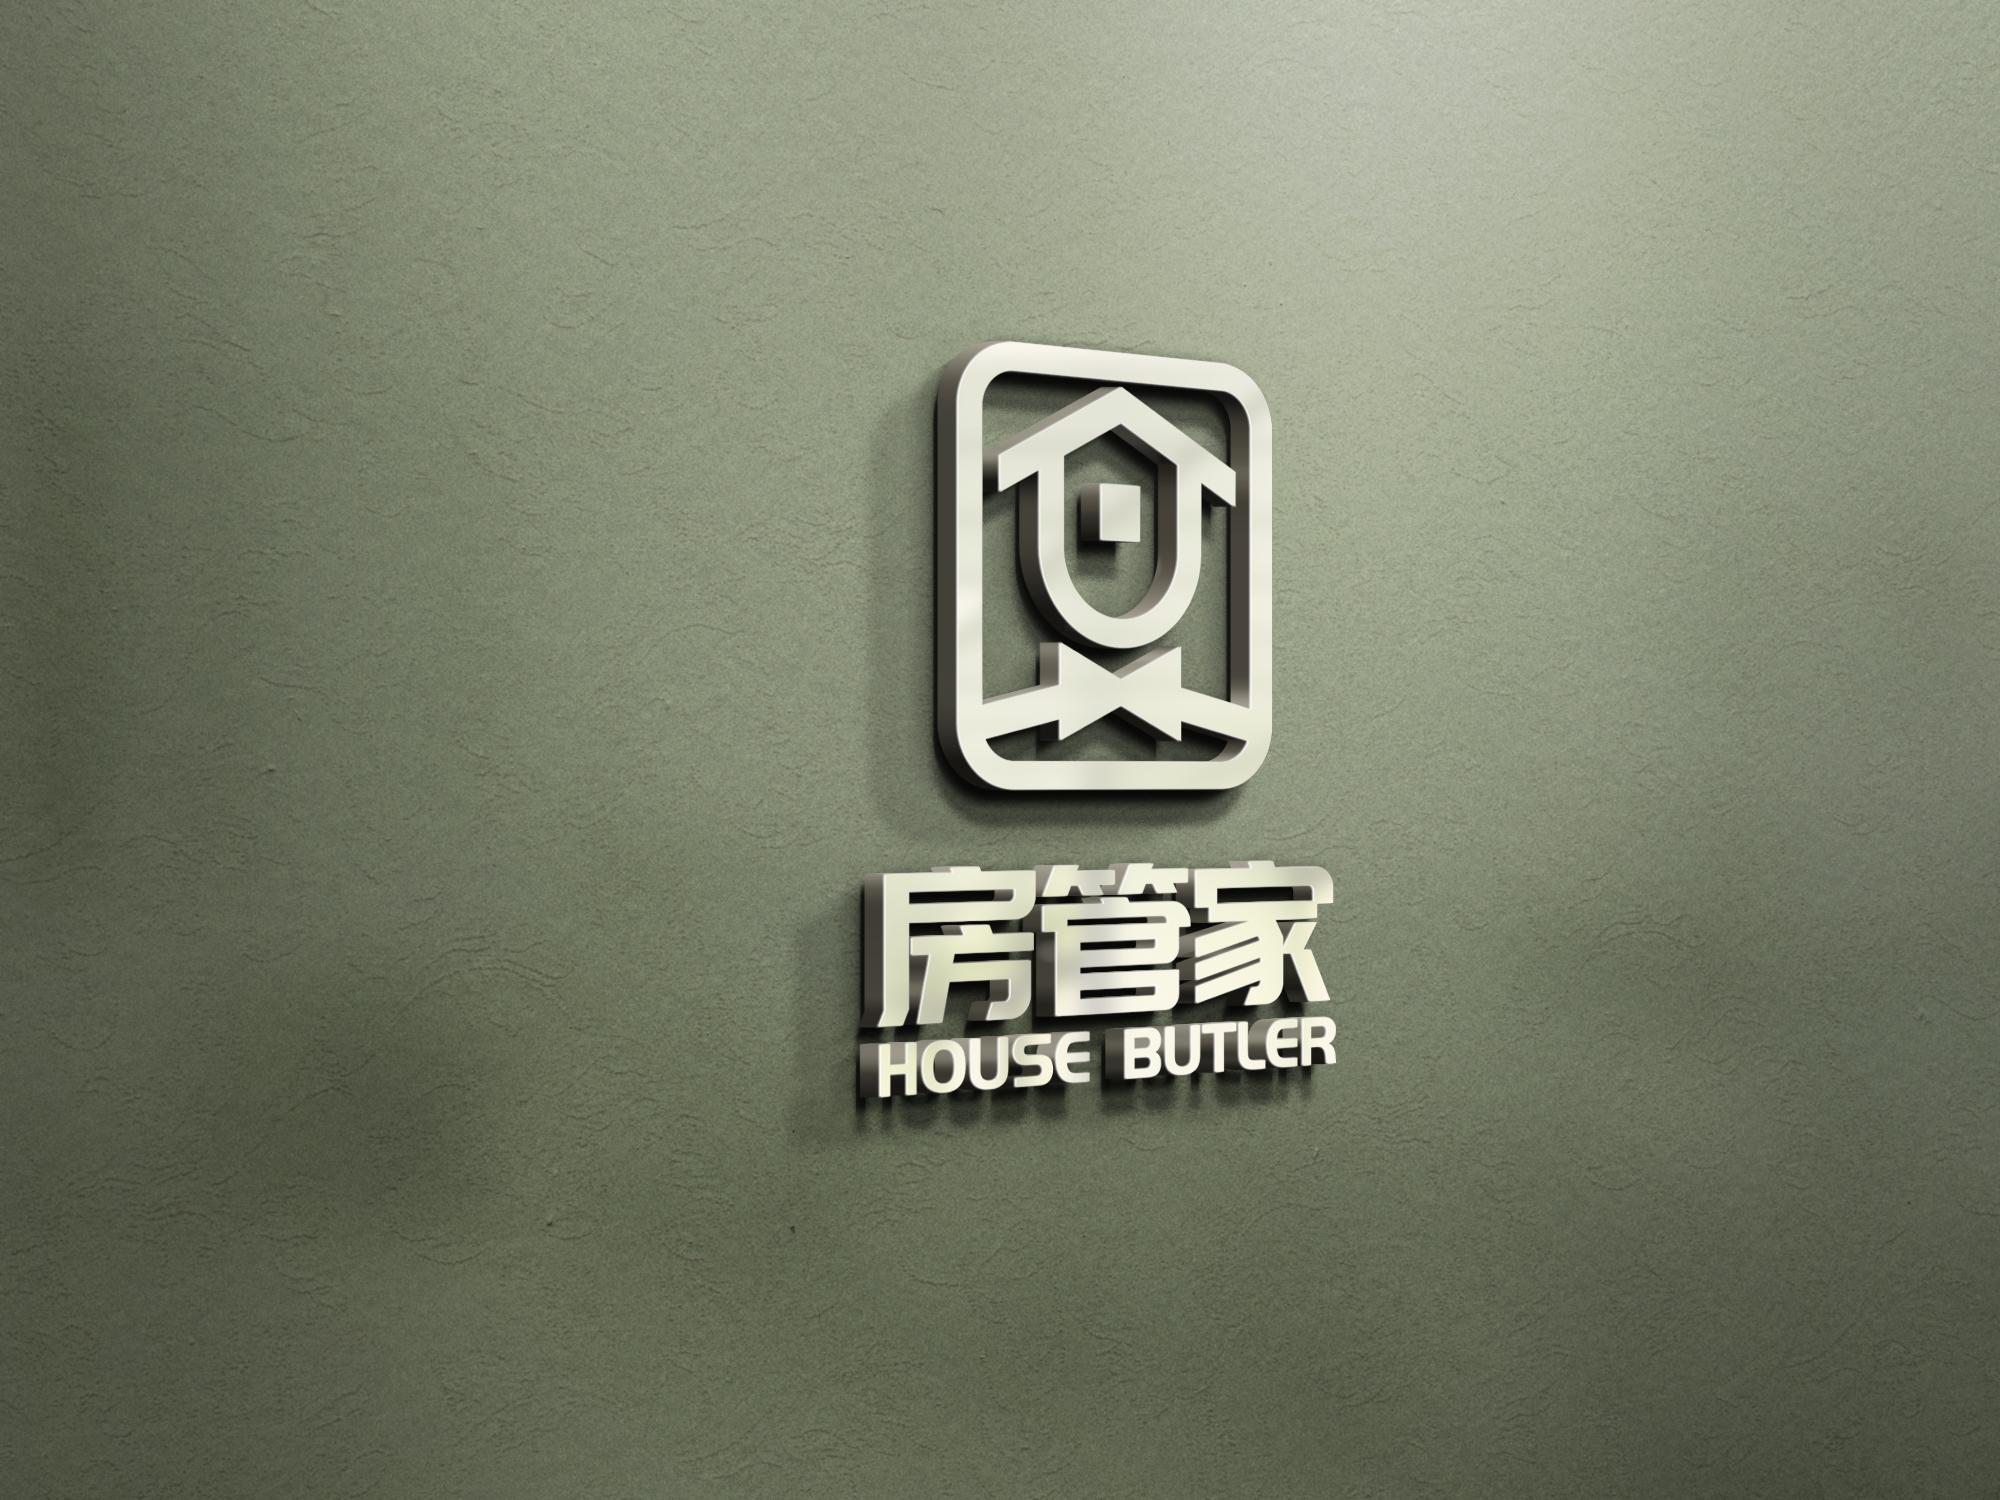 品牌LOGO及名片设计_3037534_k68威客网